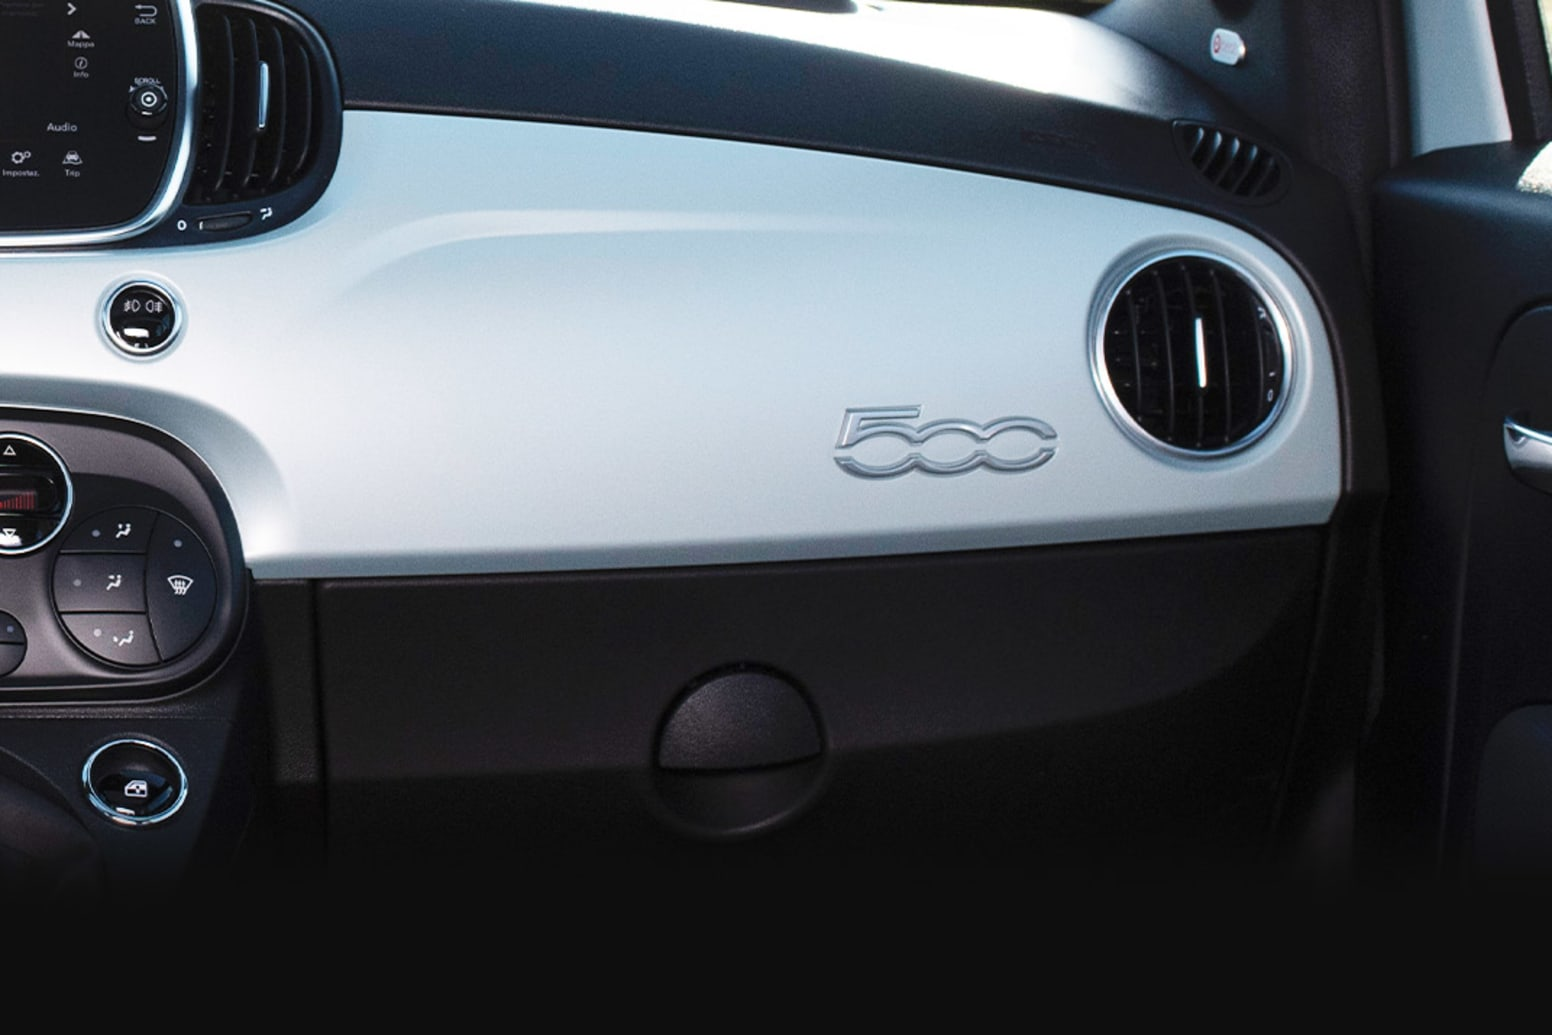 Fiat 500 Hybrid Dashboard